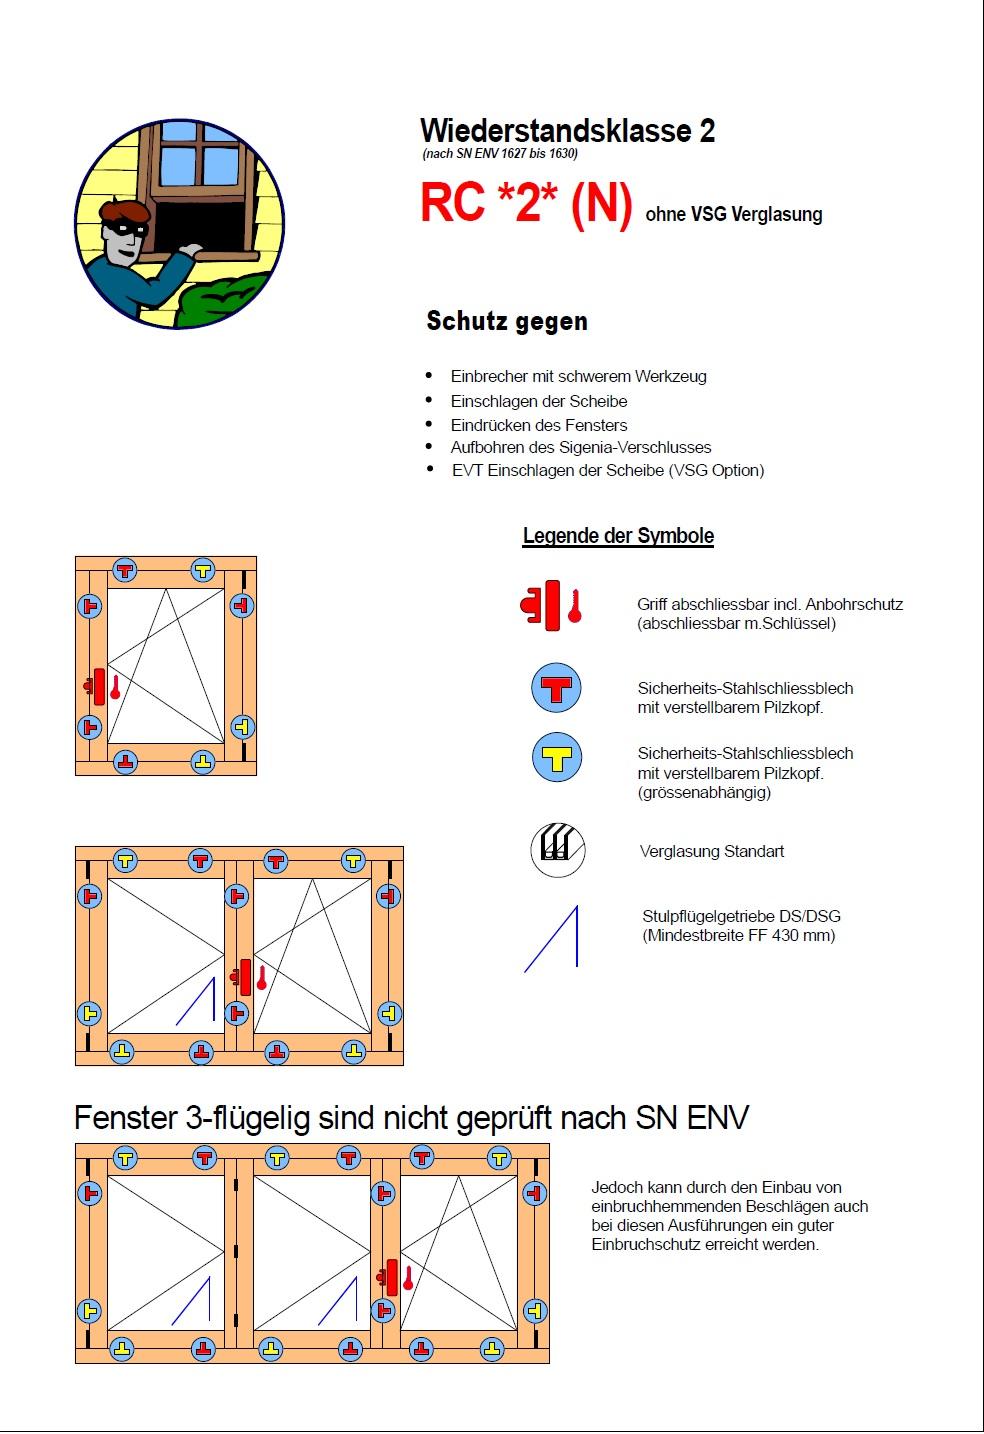 Full Size of Rc 2 Fenster Preis Kosten Test Anforderungen Definition Rc2 Fenstergriff Beschlag Fenstergitter Ausstattung Montage Wiederstandsklasse N Von Euw Ag Plissee Fenster Rc 2 Fenster